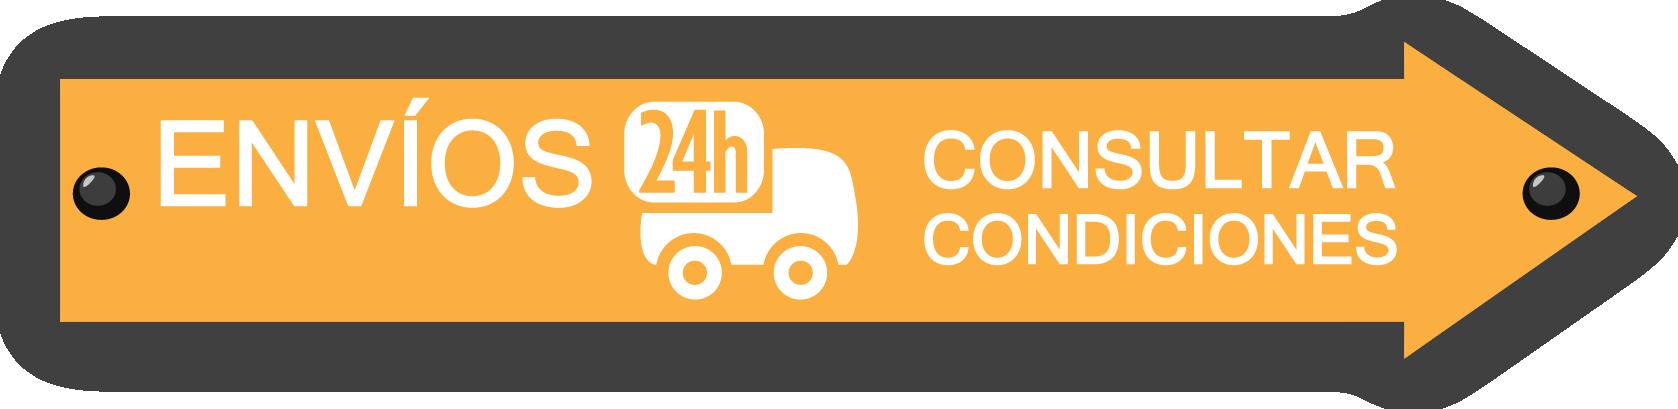 Ver Condiciones de los Envíos 24 horas